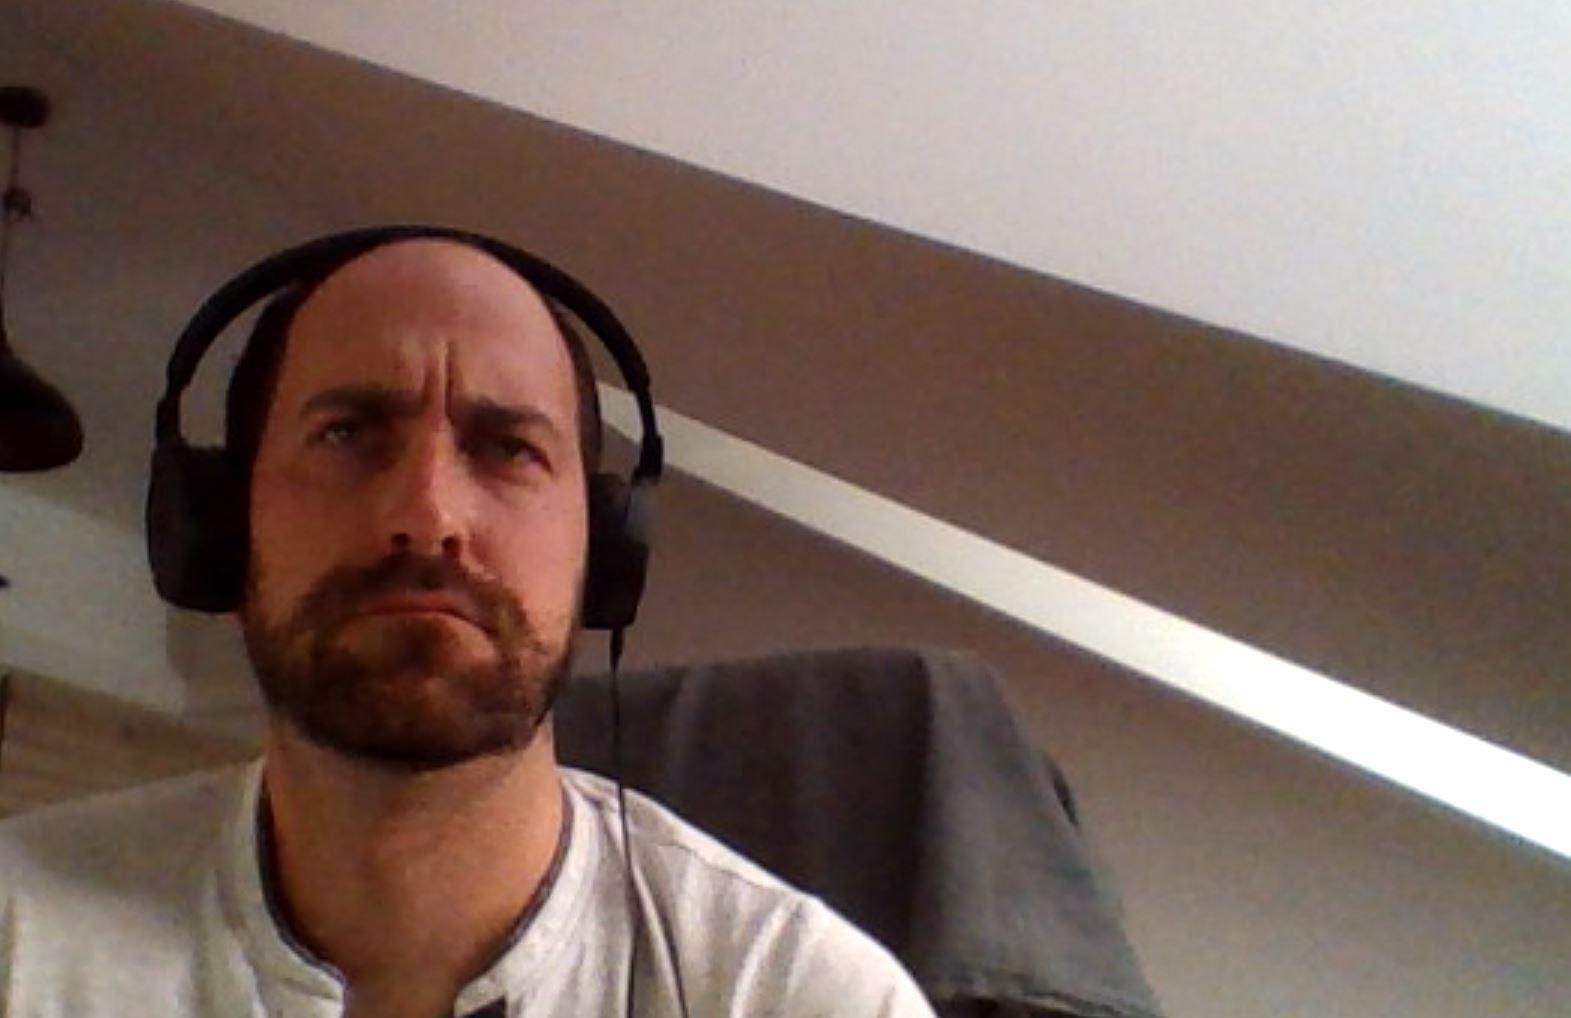 Volker Müller, Contexter bei einem Zoom-Videocall